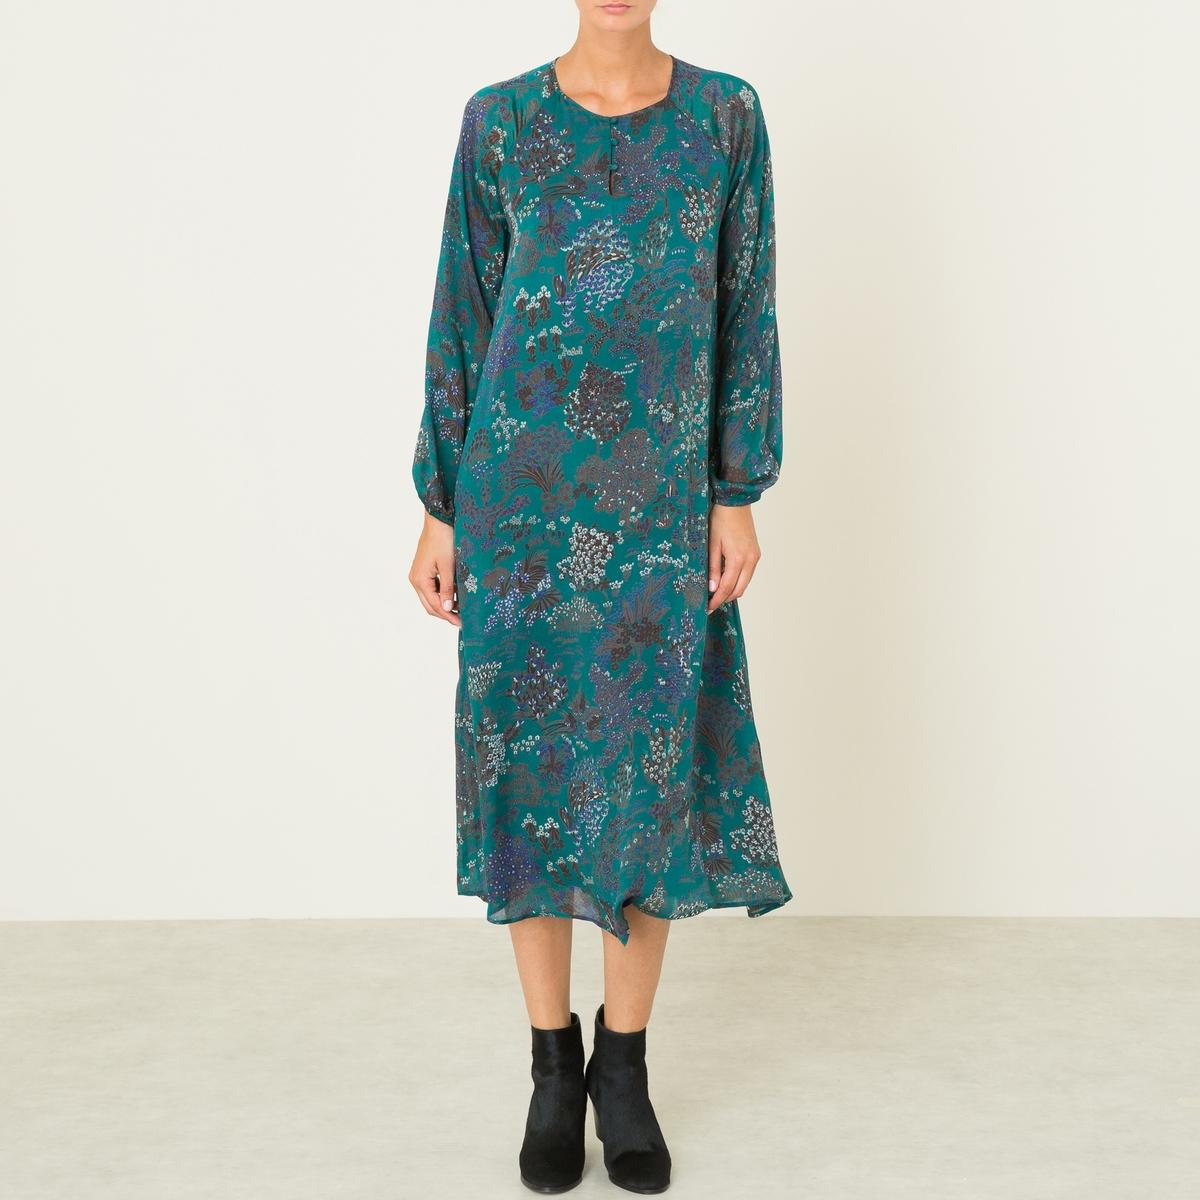 Платье длинное TORRE DRESSСостав и описание Материал : 100% шелк Длина : 122 см. (для размера 36) Марка : MES DEMOISELLES<br><br>Цвет: зеленый,черный<br>Размер: 40 (FR) - 46 (RUS).36 (FR) - 42 (RUS)